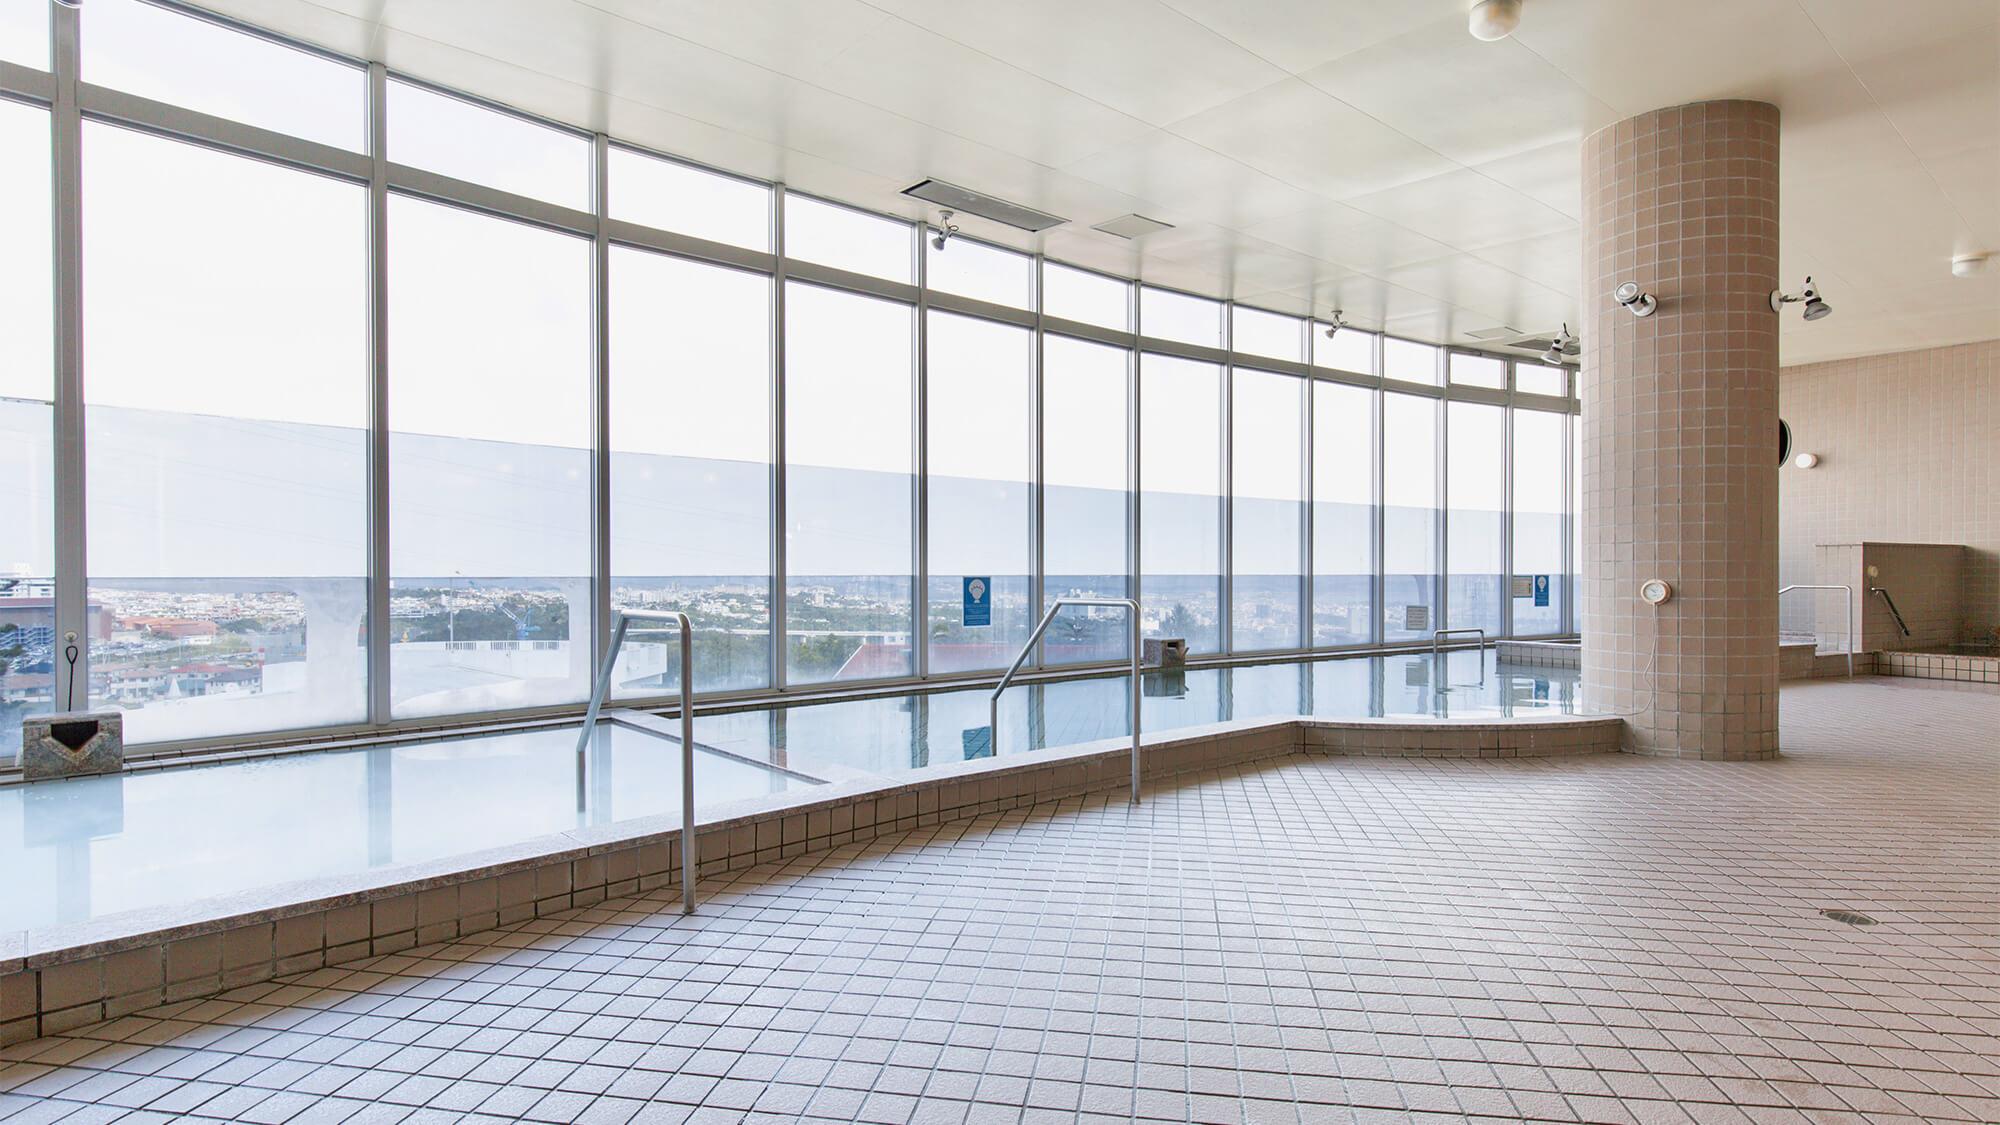 【素泊り】ケミカルフリーでクリーンな快適空間「中庭側コートヤード客室指定」展望浴場入り放題♪